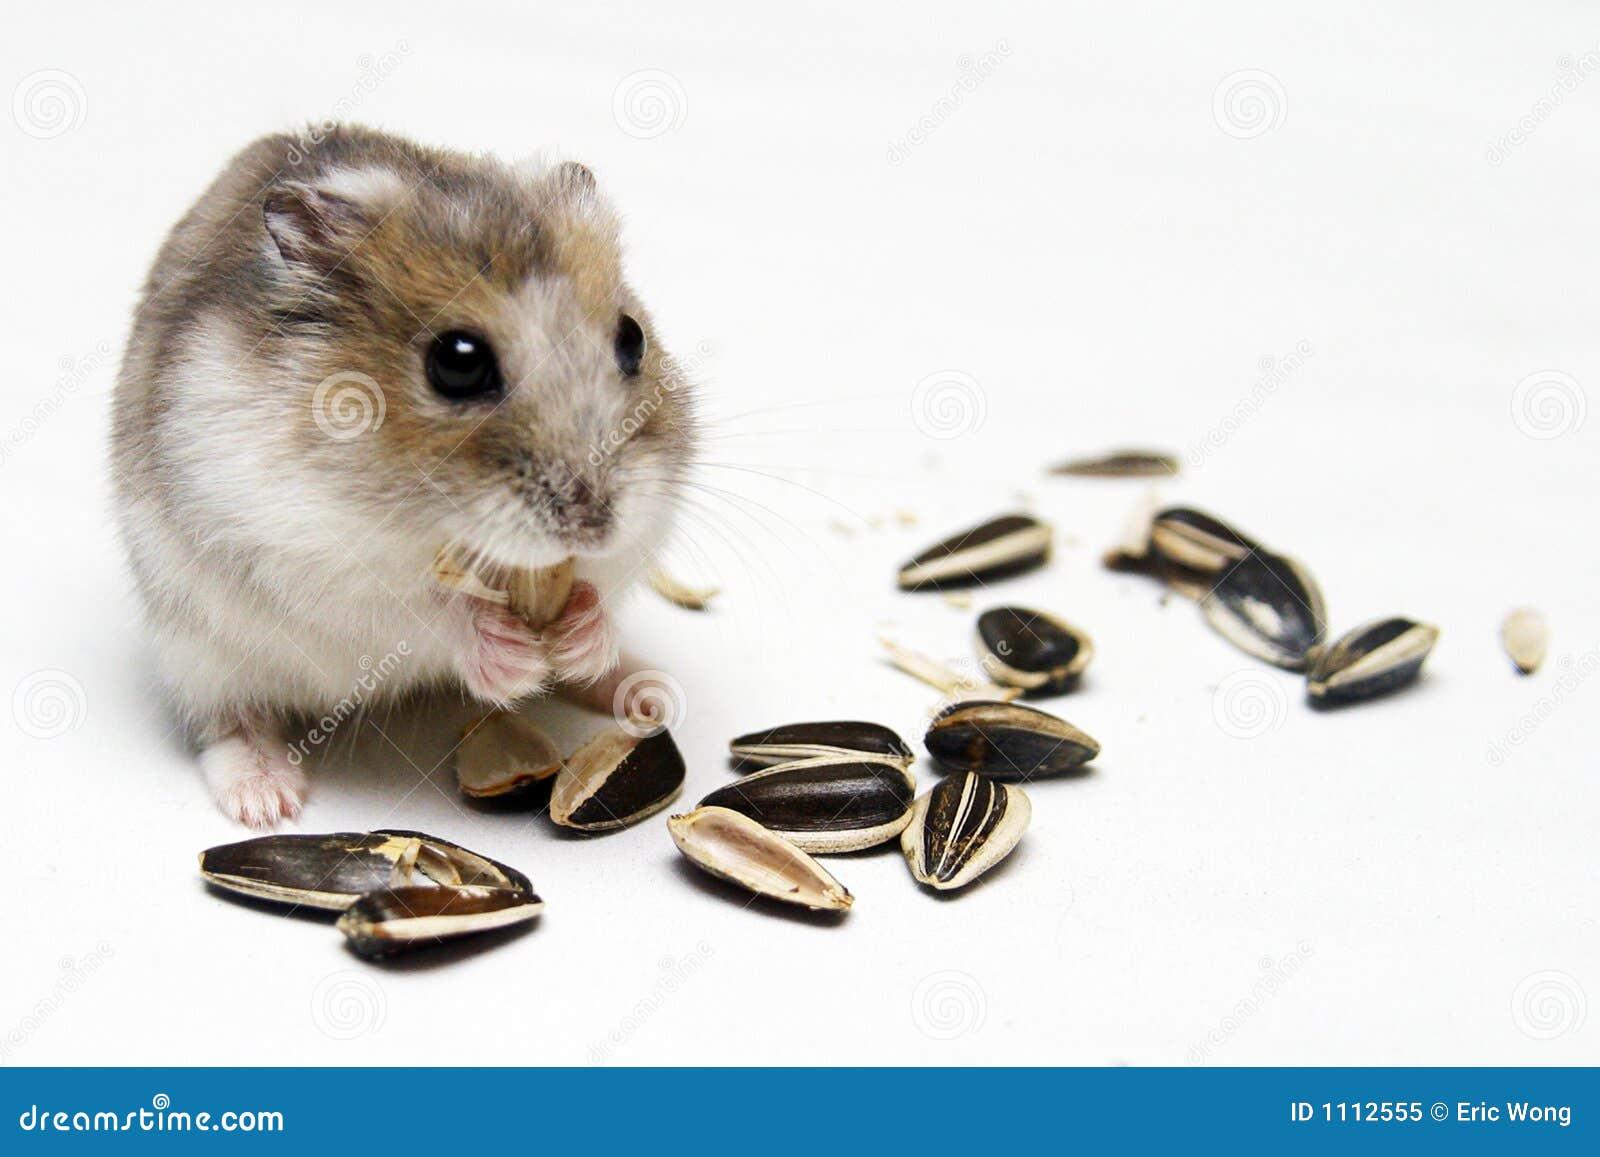 Dwarf Hamster Eating Melon Seeds